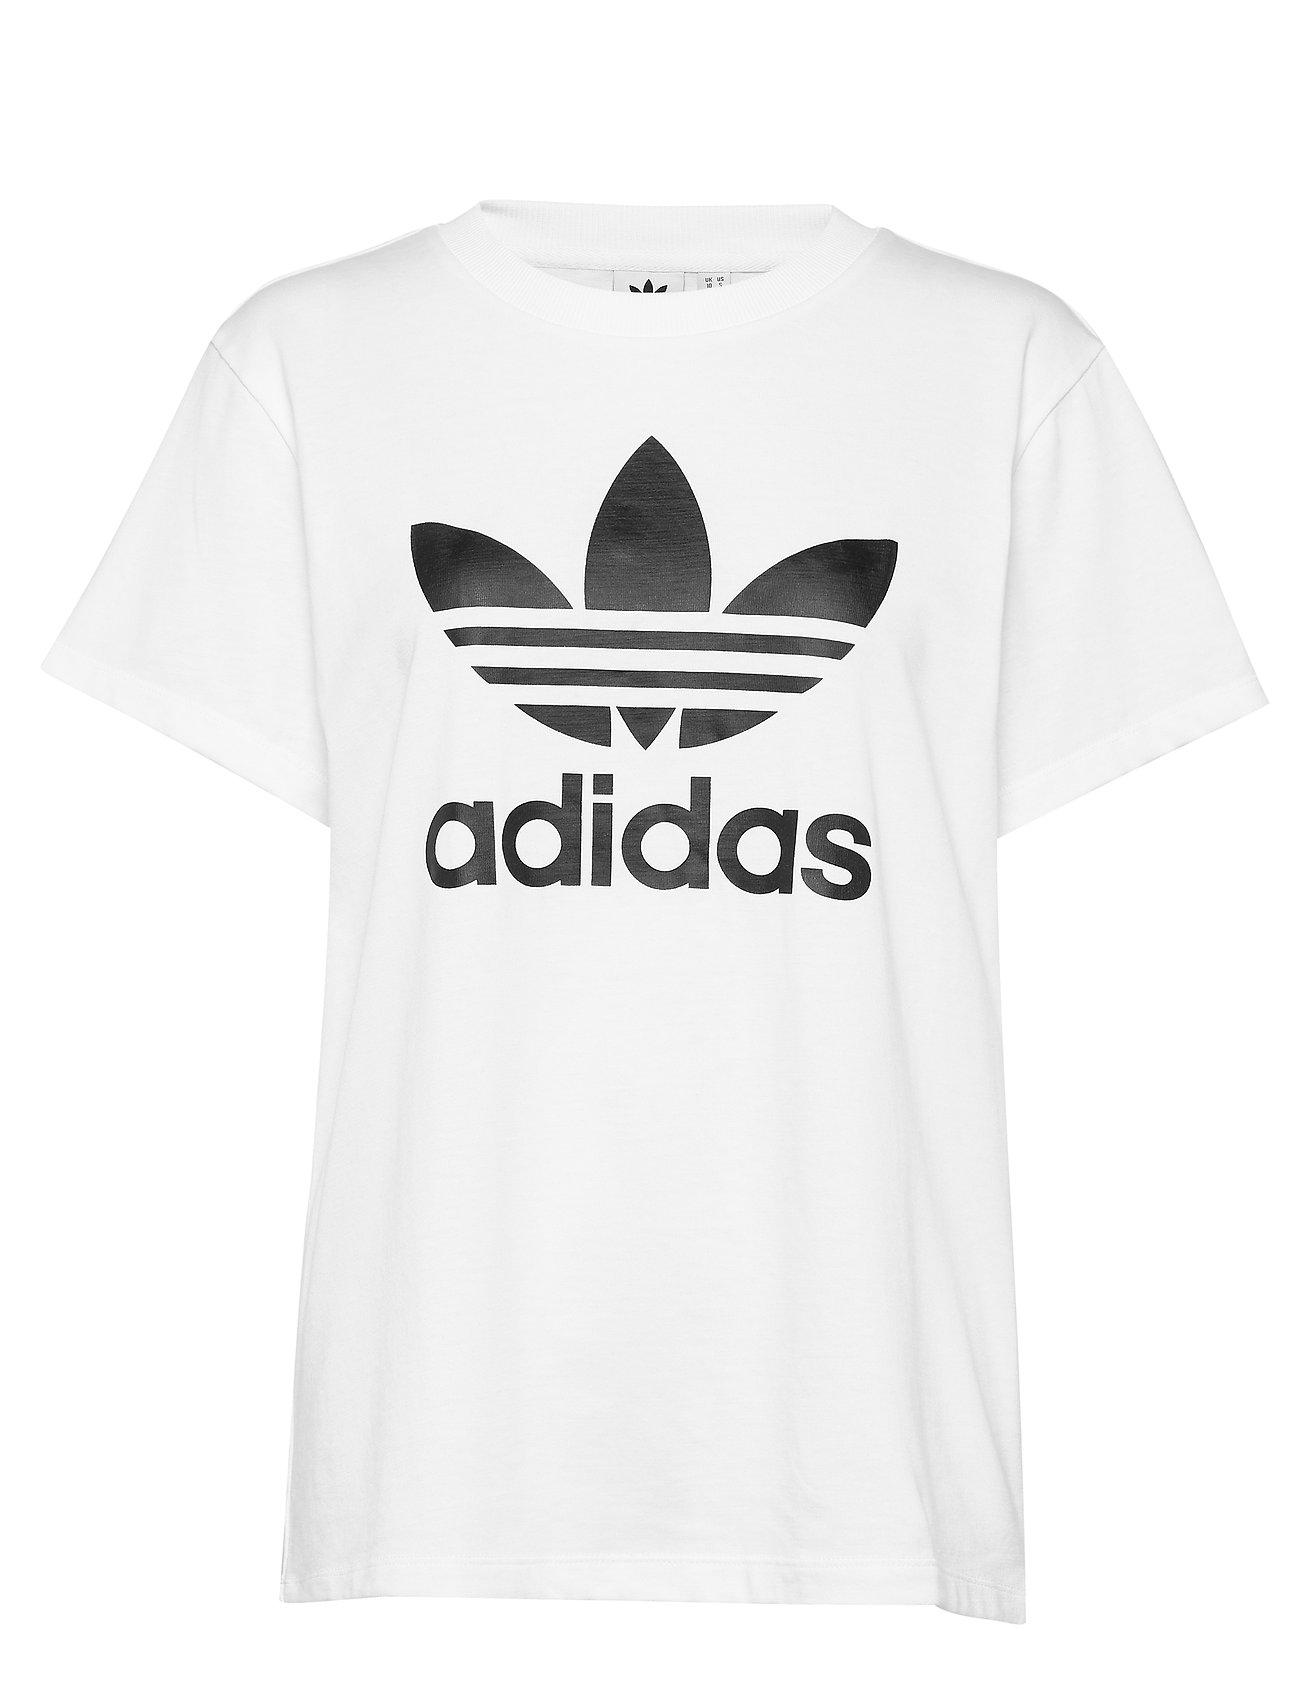 8e2f40f3cca Boyfriend Tee (White) (£24.95) - adidas Originals - | Boozt.com